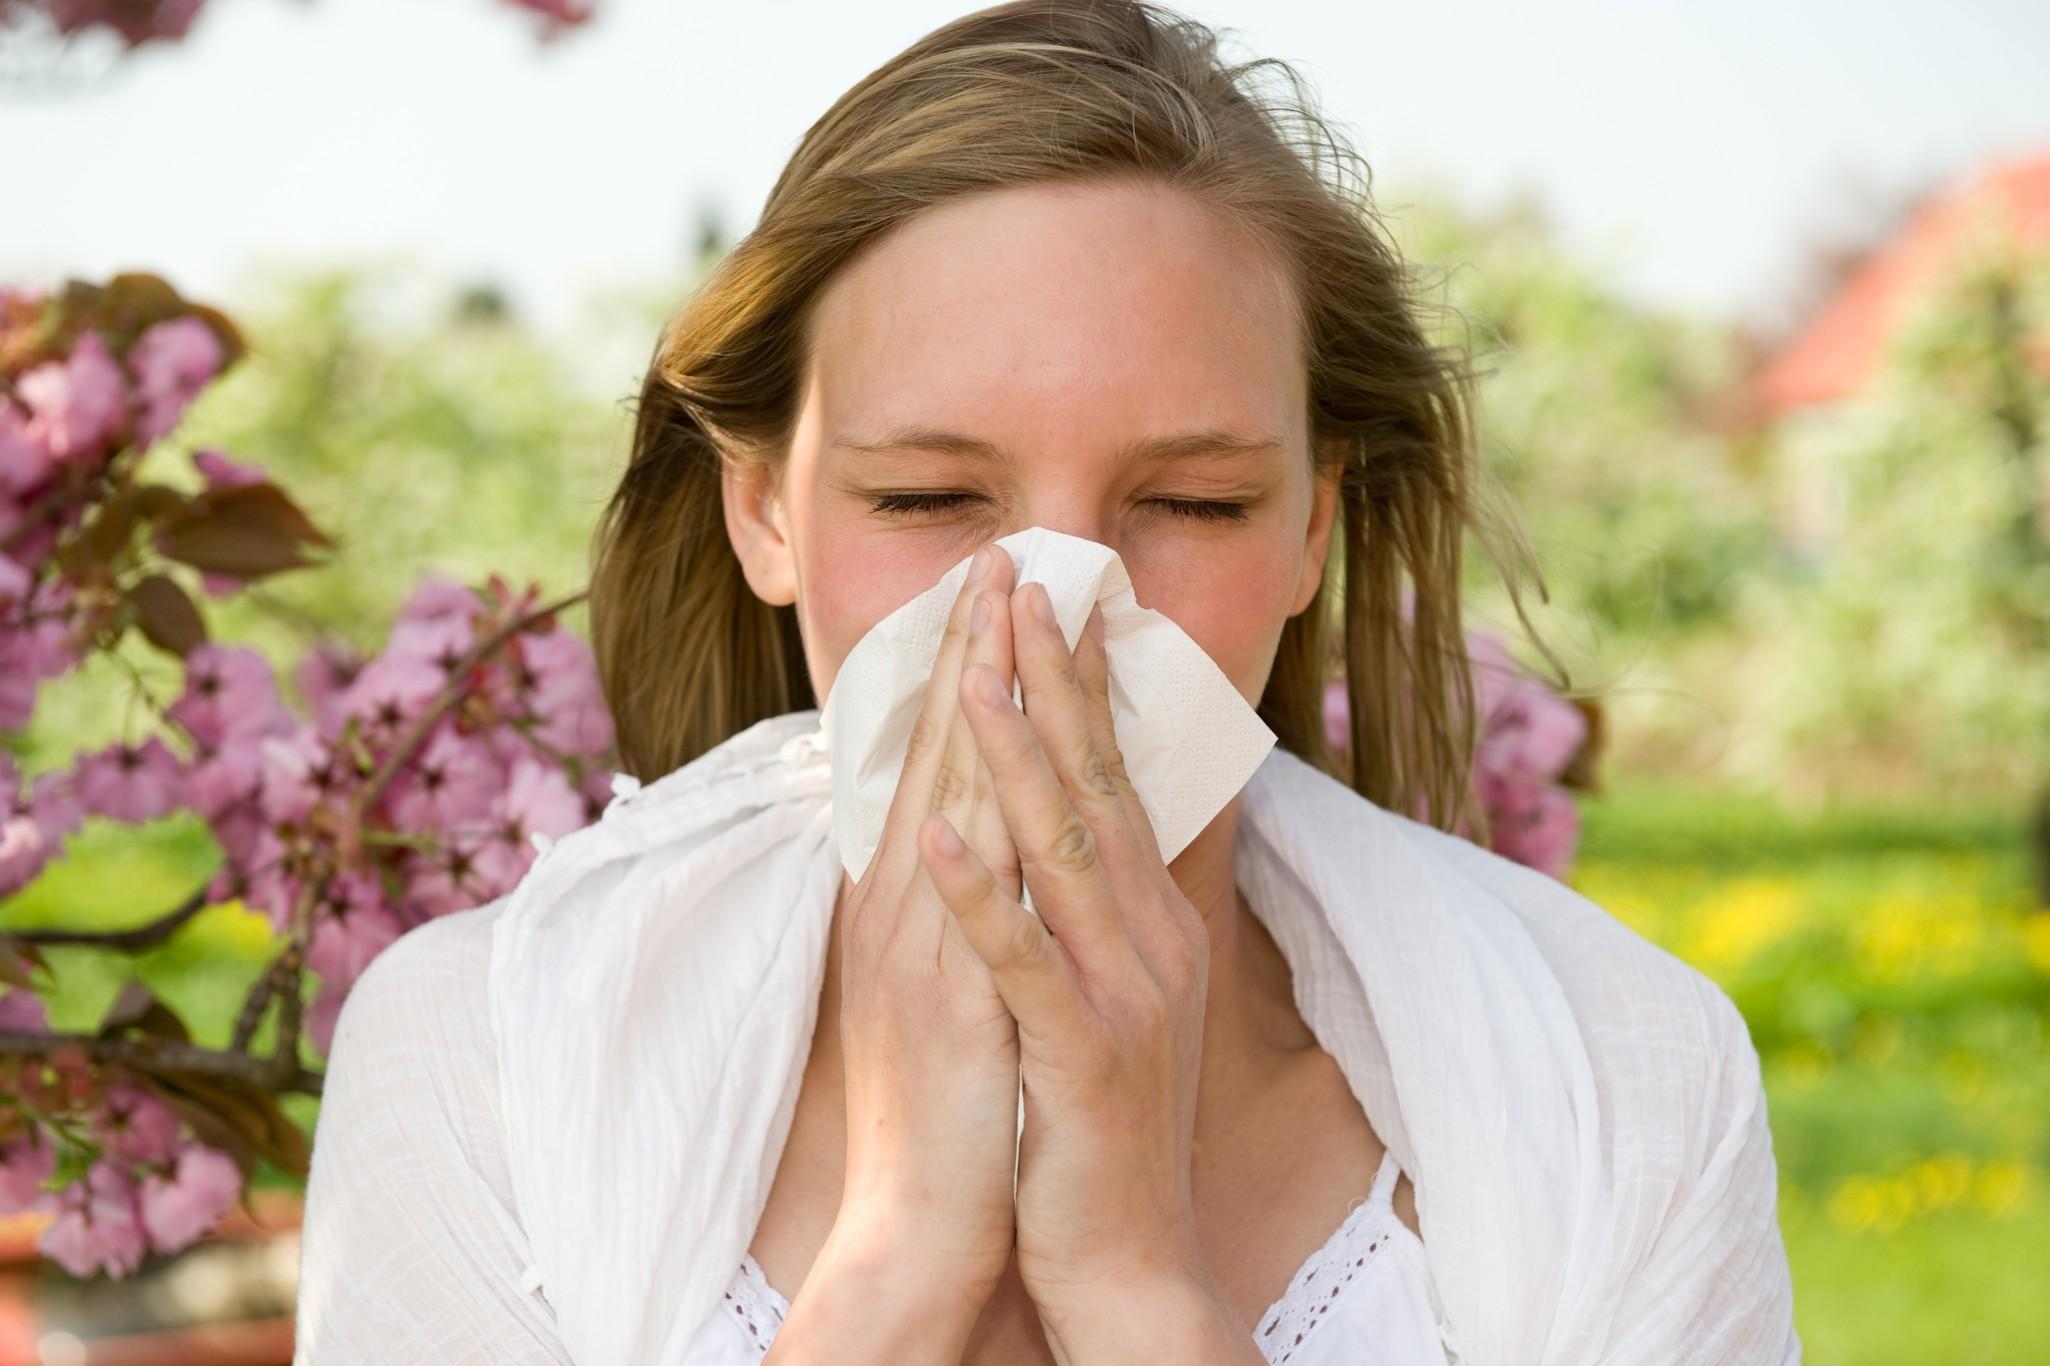 Le allergie stanno per tornare: ecco come non farsi trovare impreparati